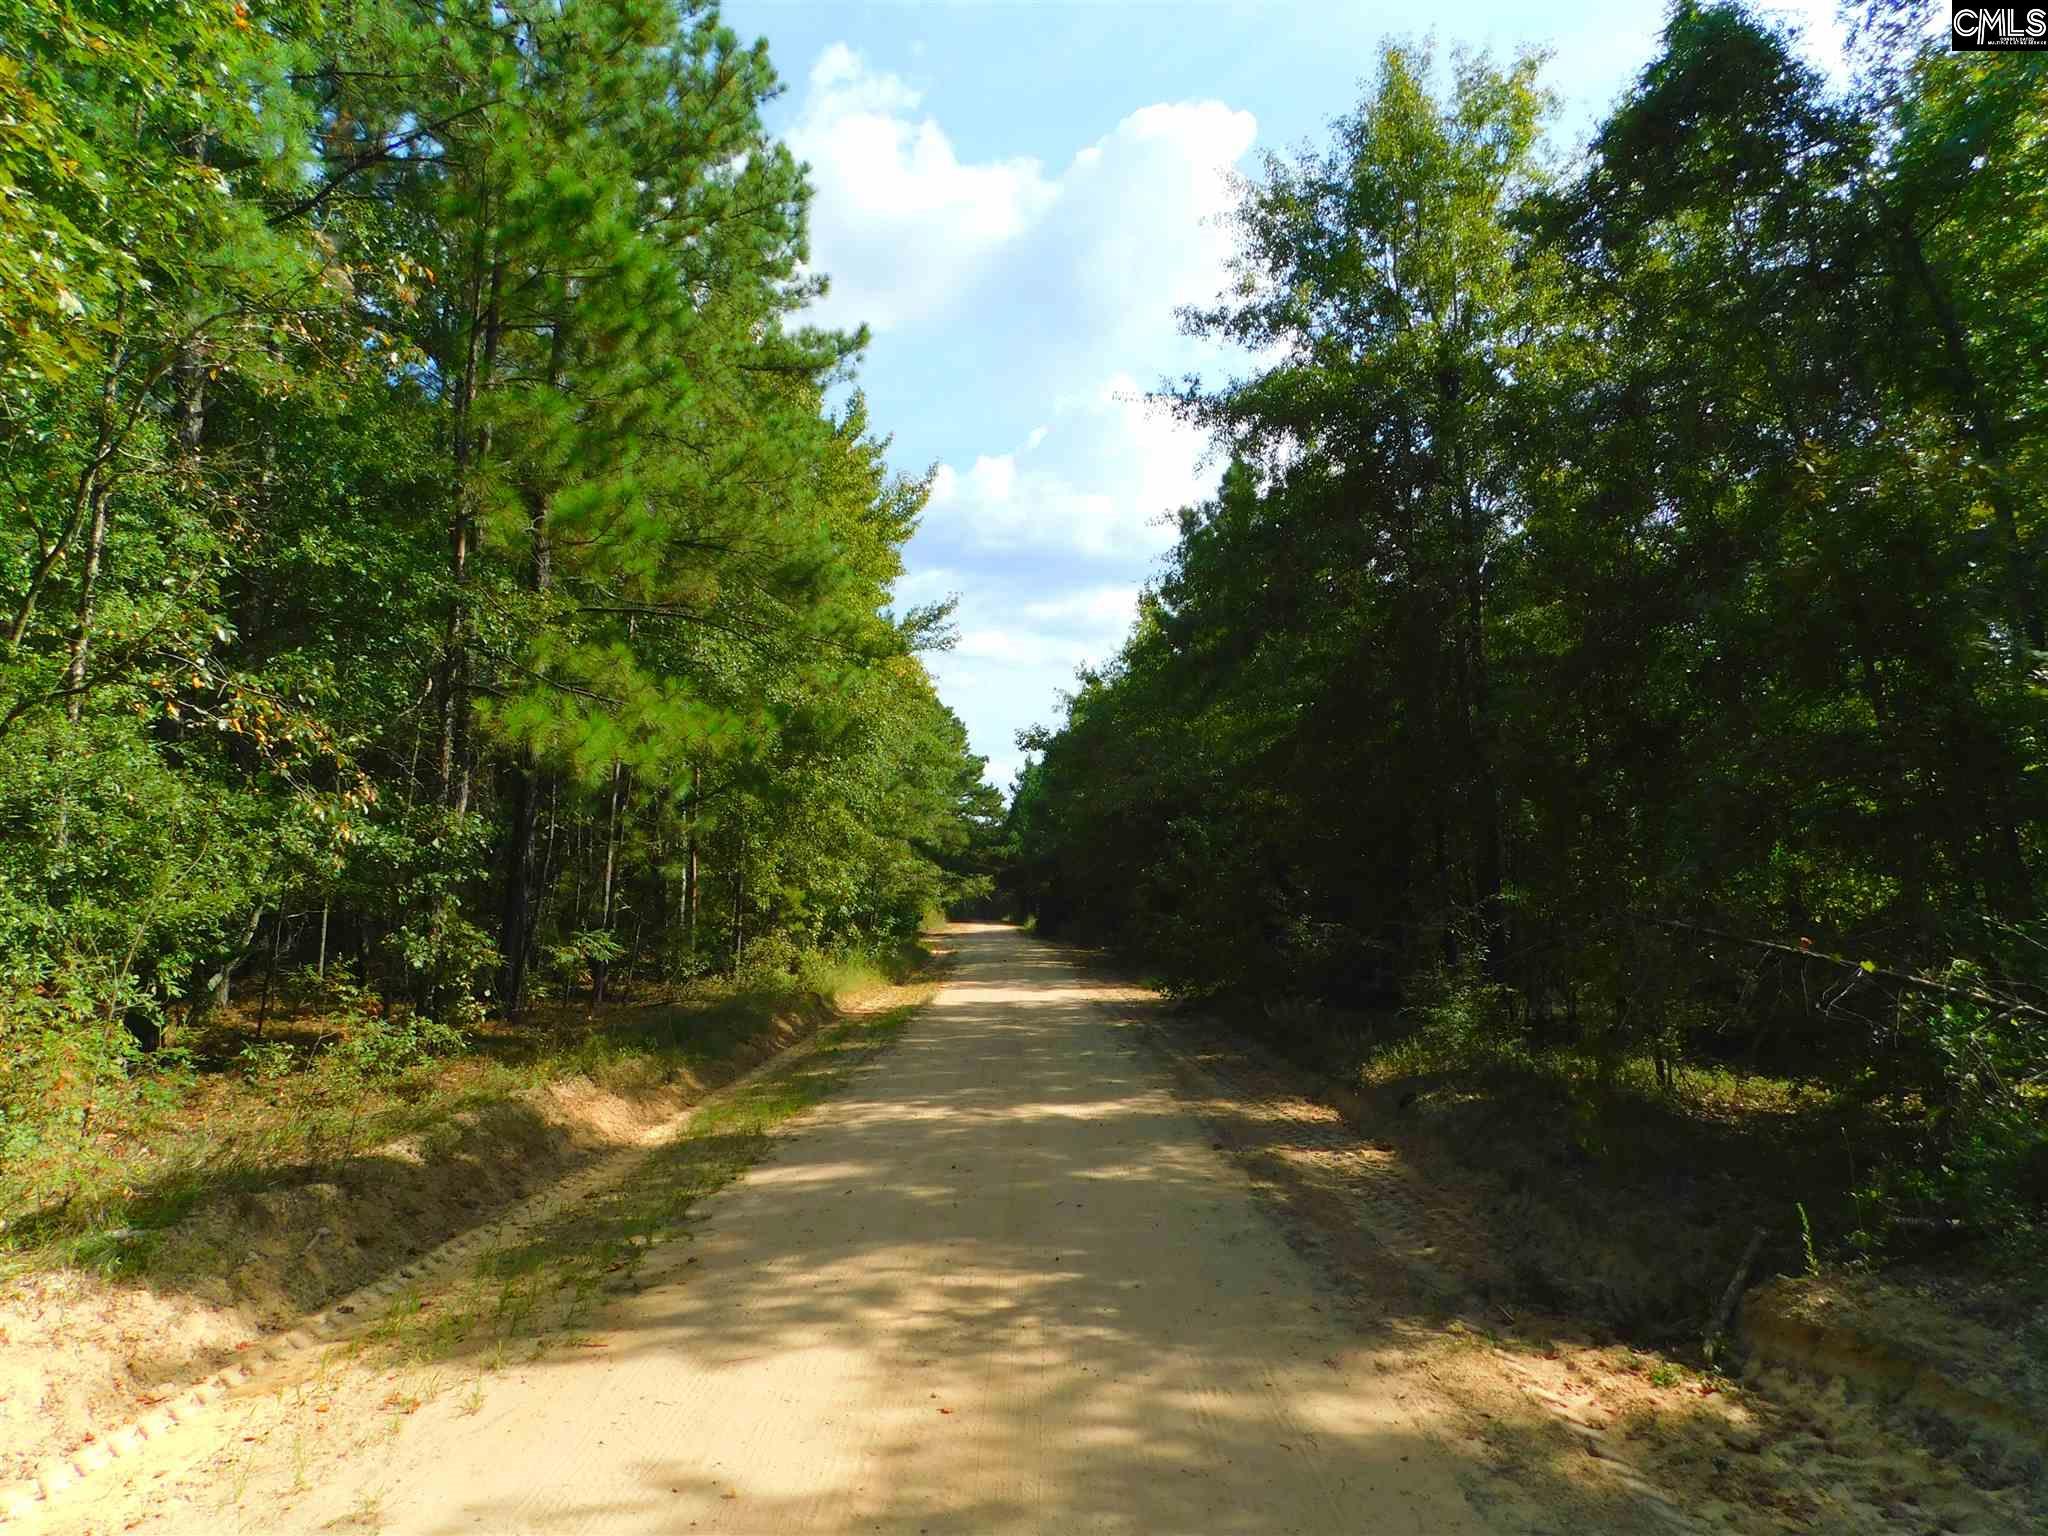 Hallman Wagon Leesville, SC 29070